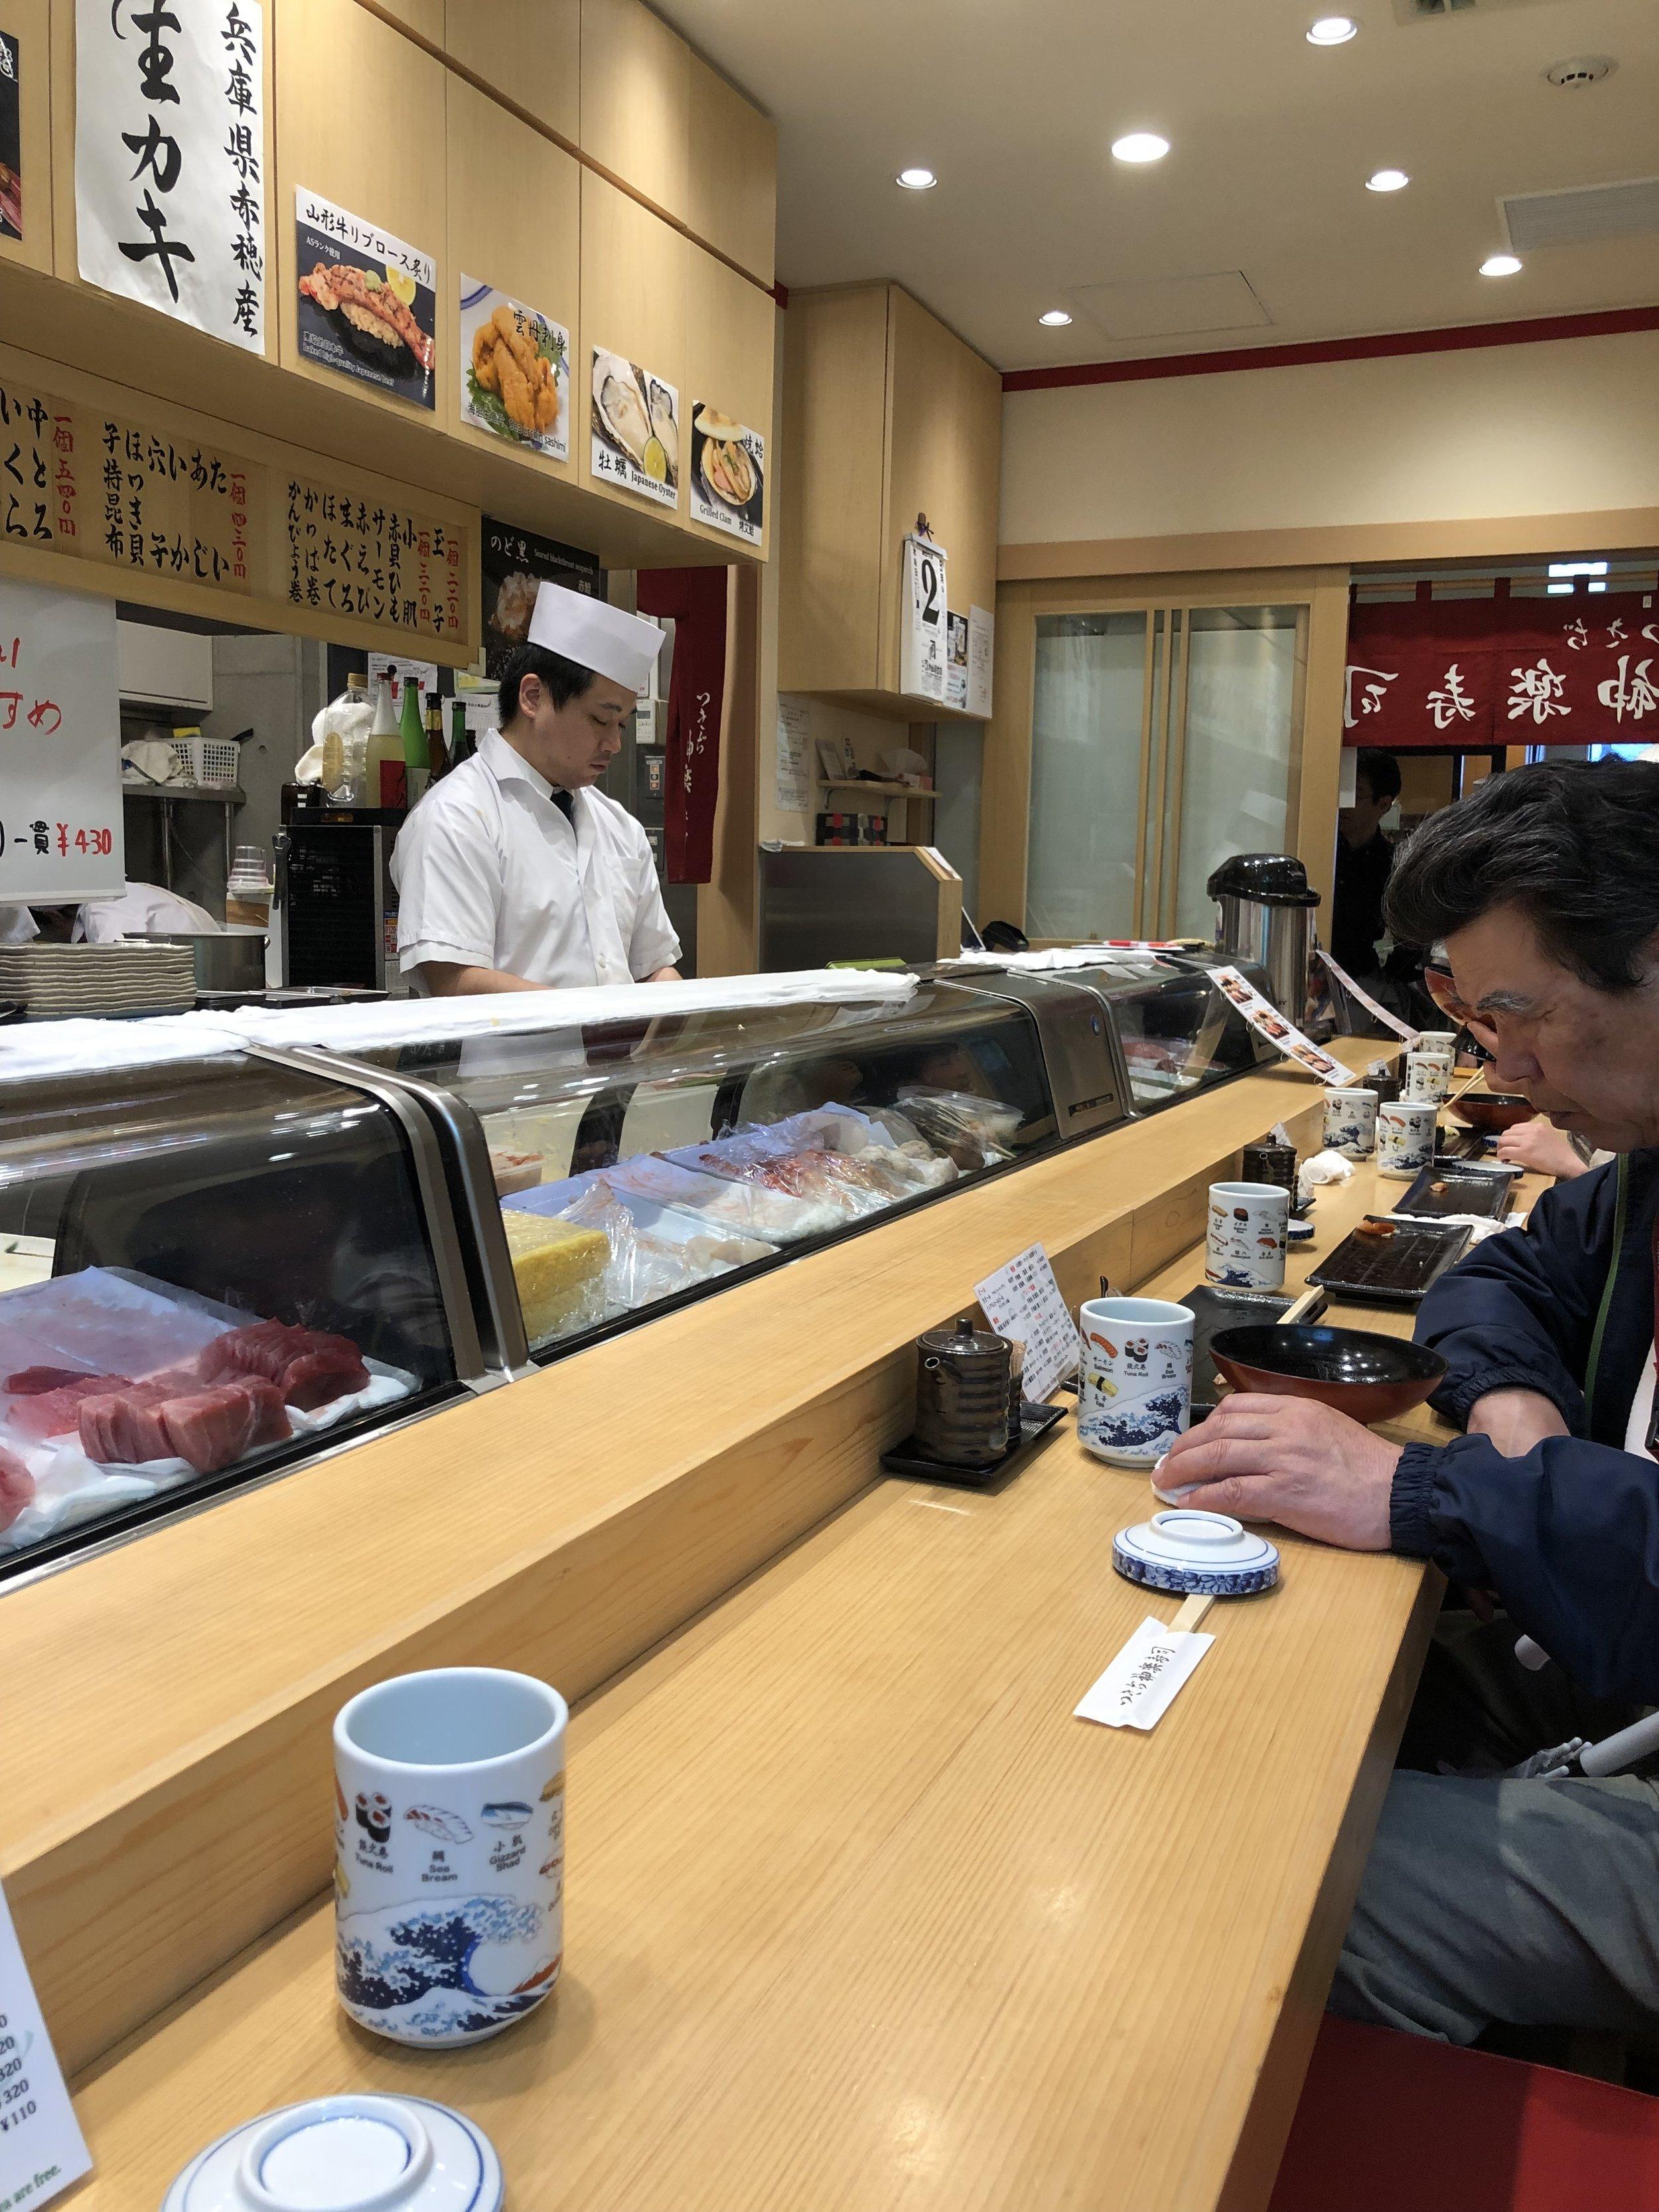 Toyosu Fish Market (1.5 hour wait)